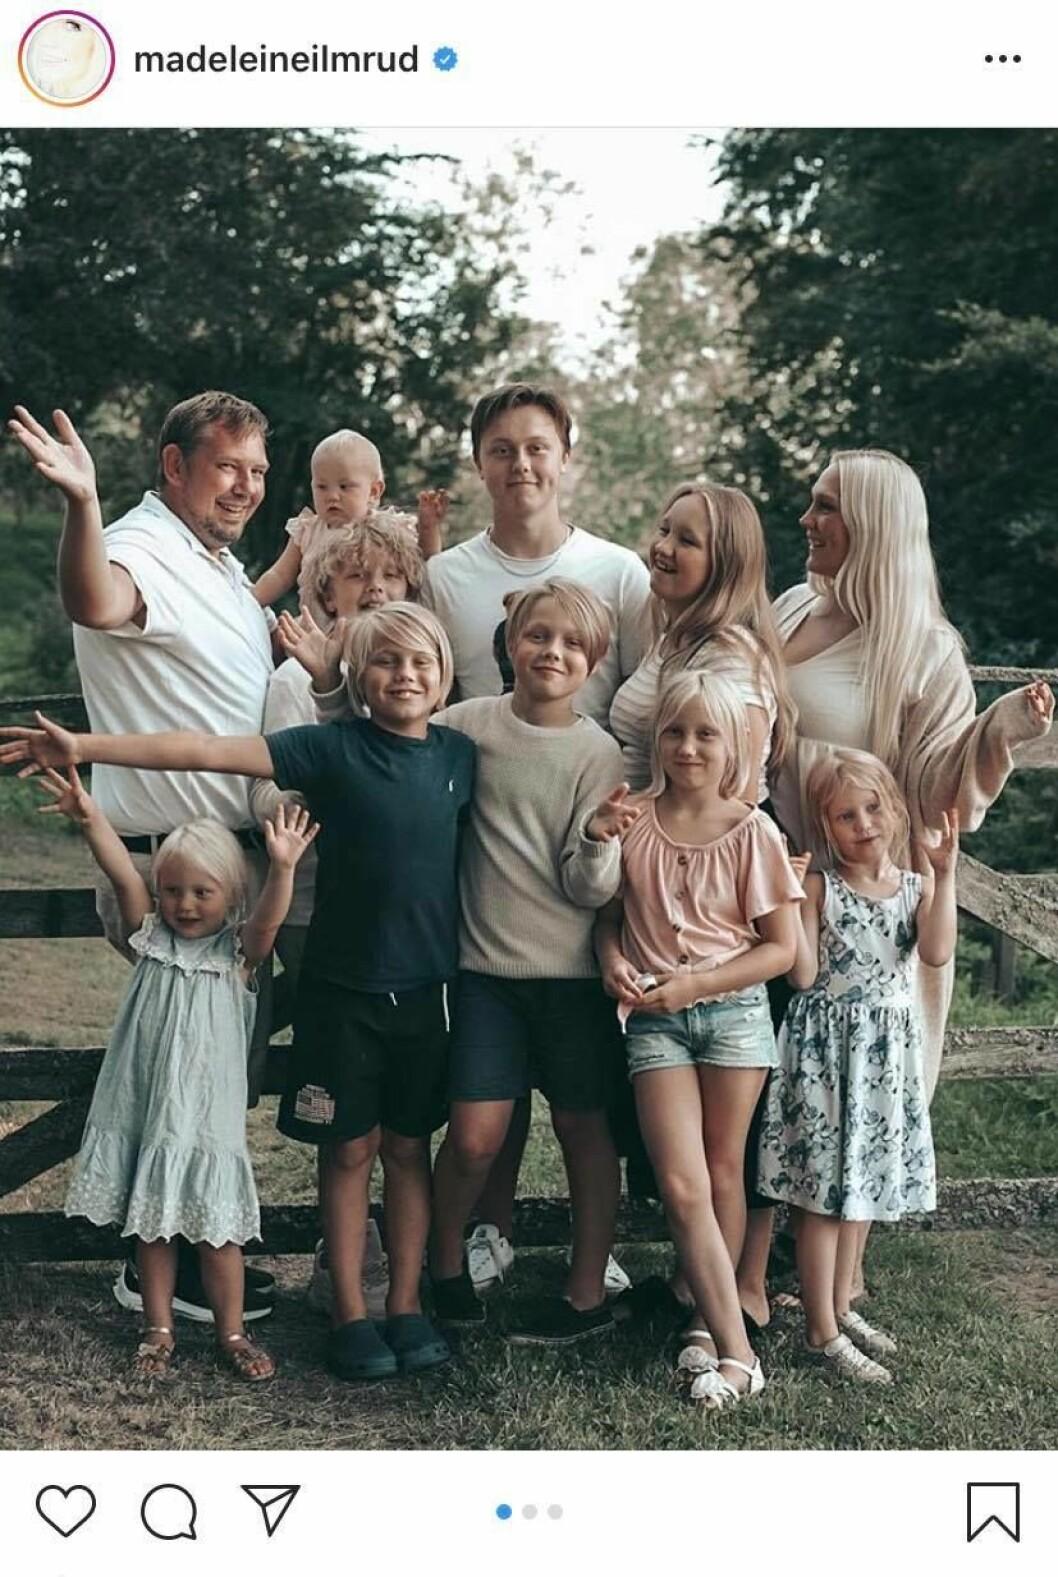 Madeleine Ilmrud med familj